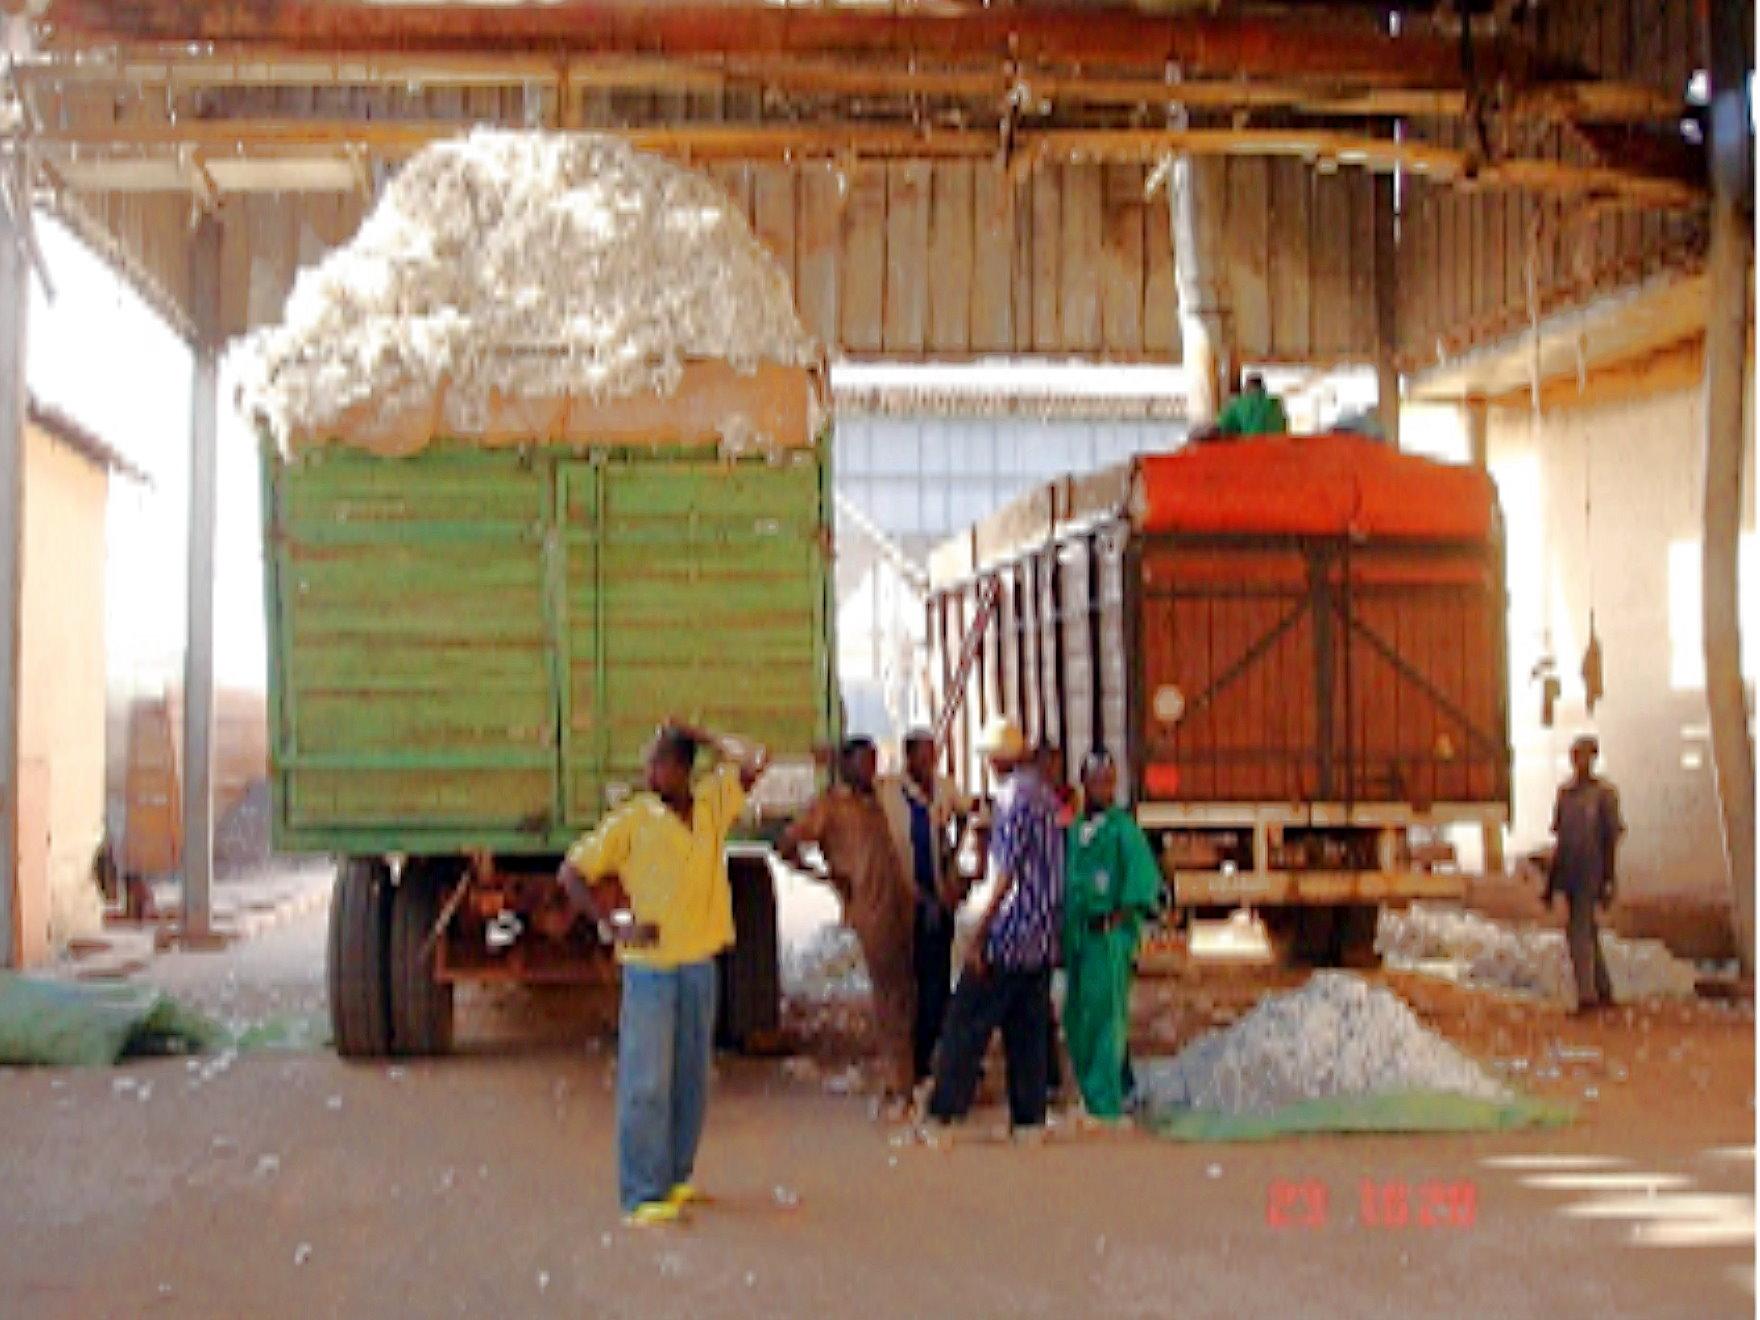 Décision  N°001/COT/DG/SJC/MO-CCA19 portant sur l'agrément exportateur de la graine et de la fibre de coton au titre de la campagne 2018-2019